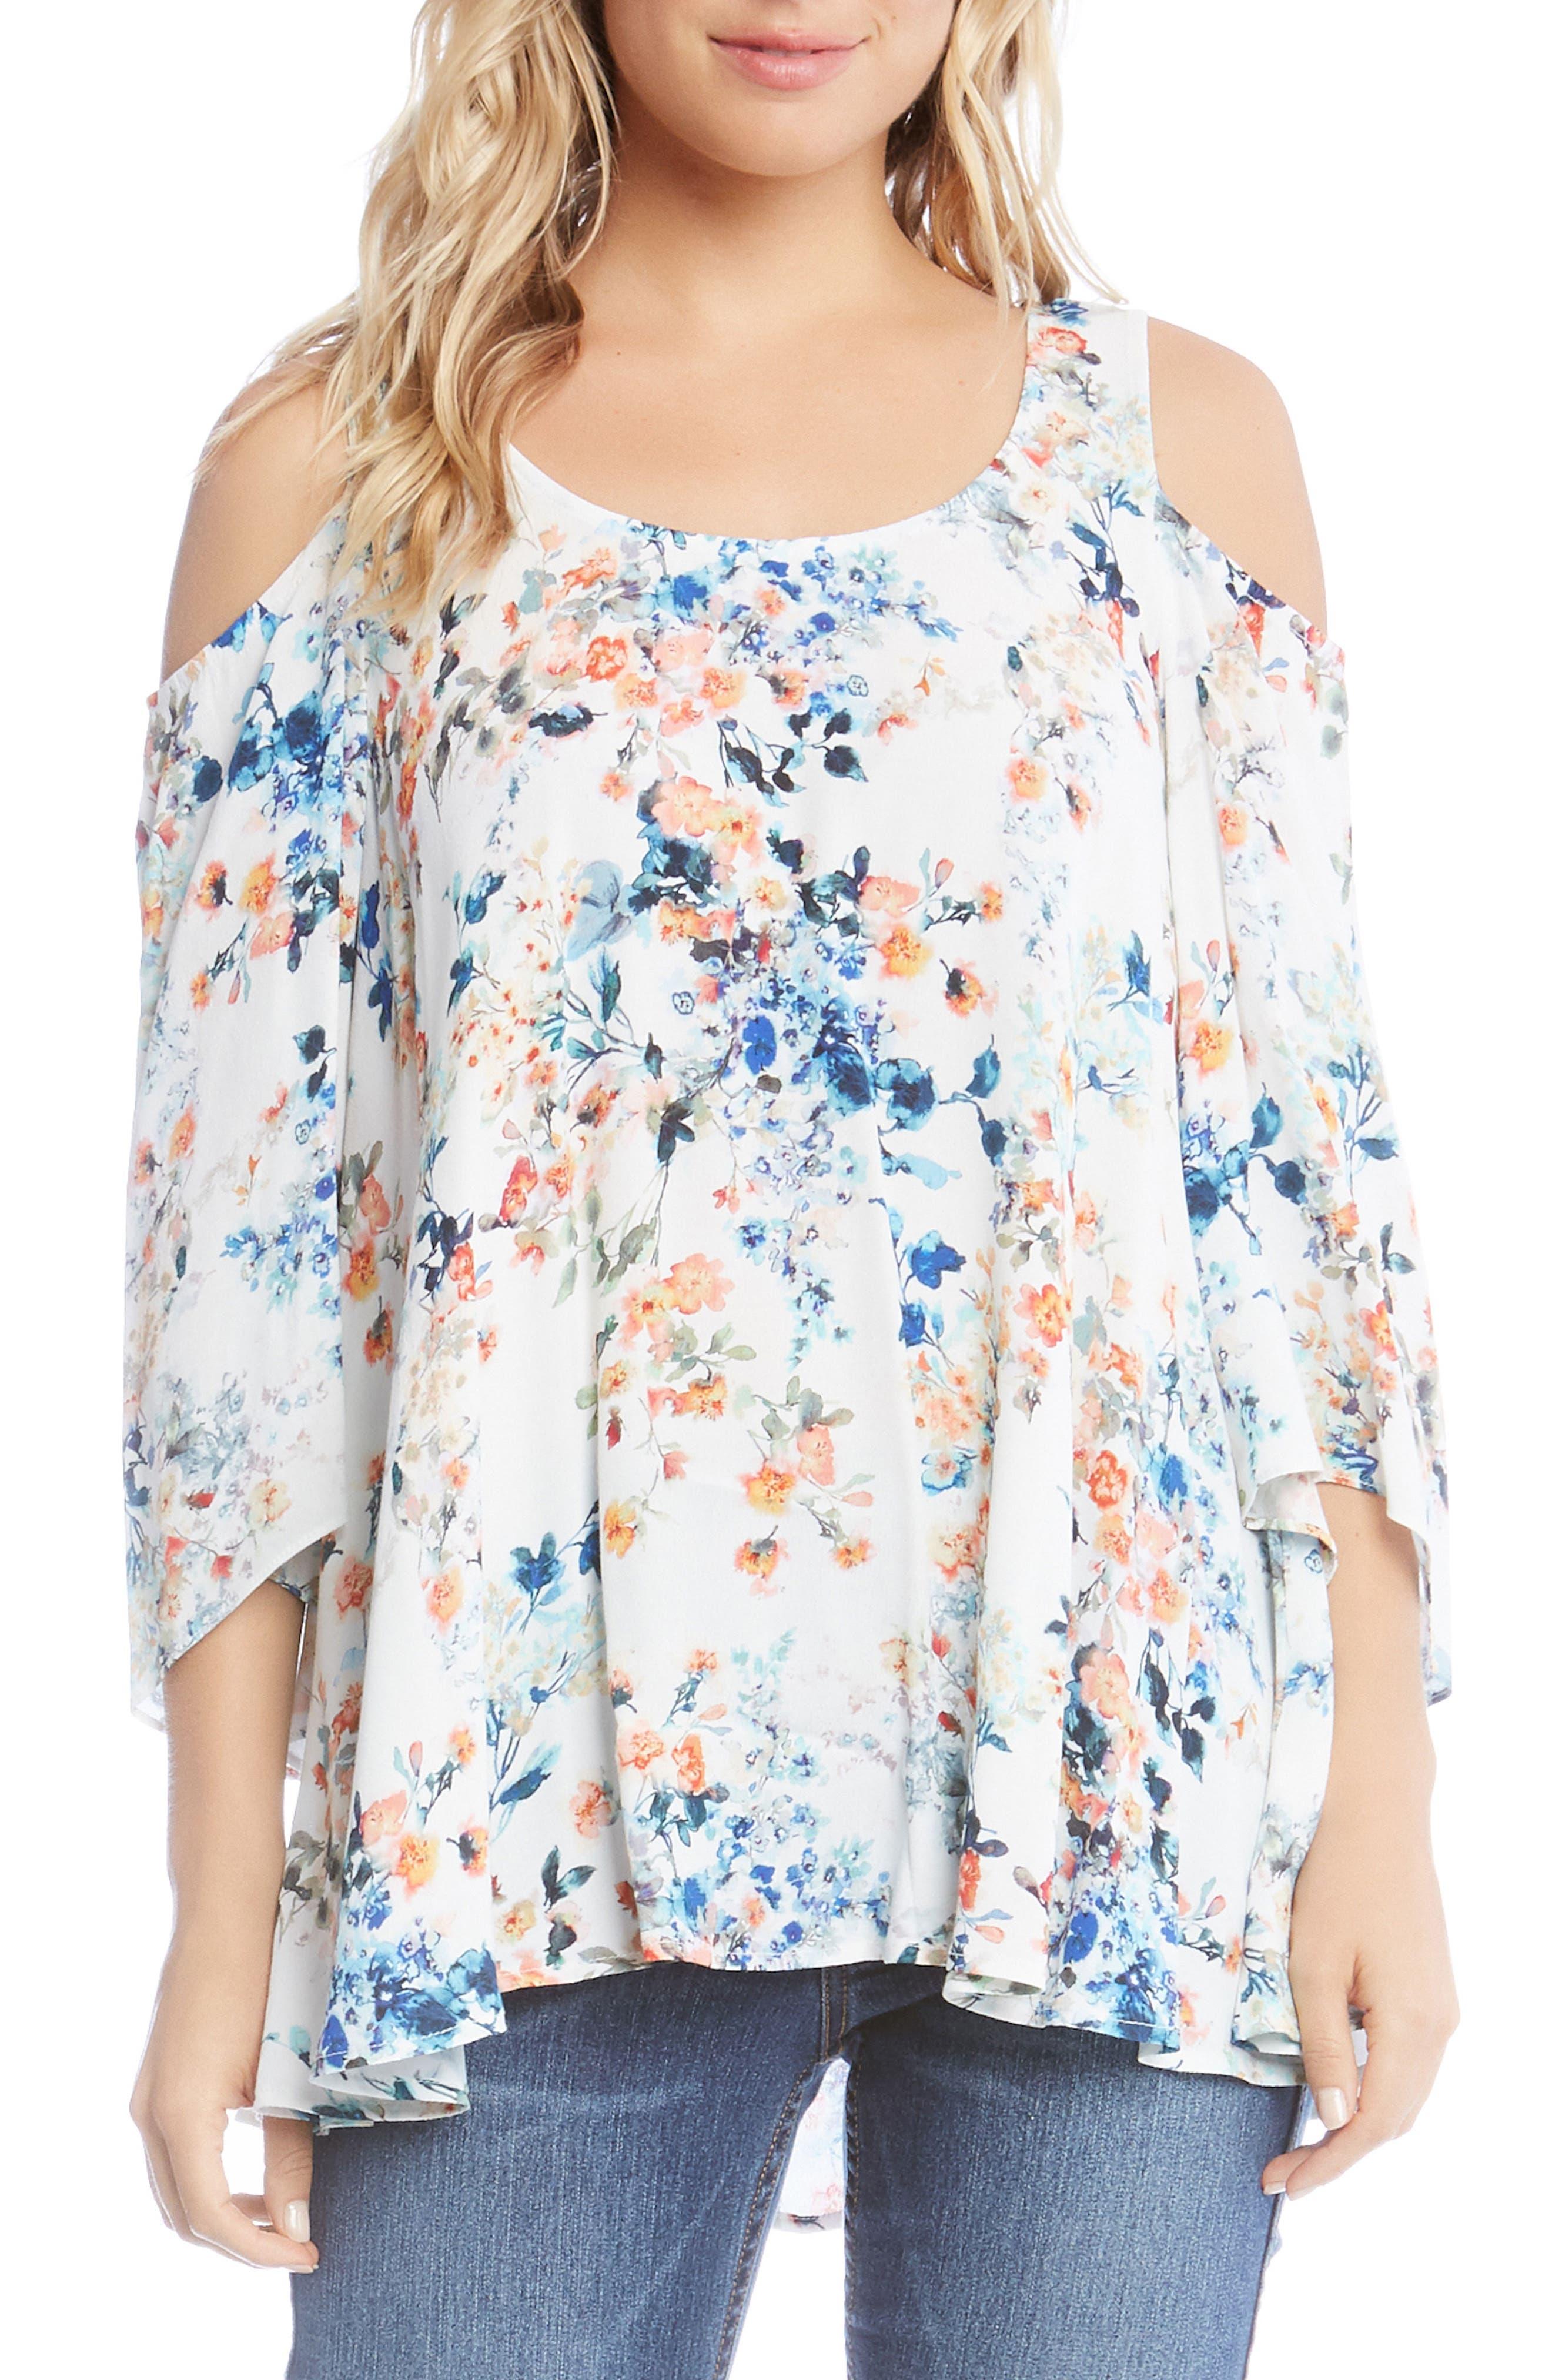 Main Image - Karen Kane Cold Shoulder Floral Top